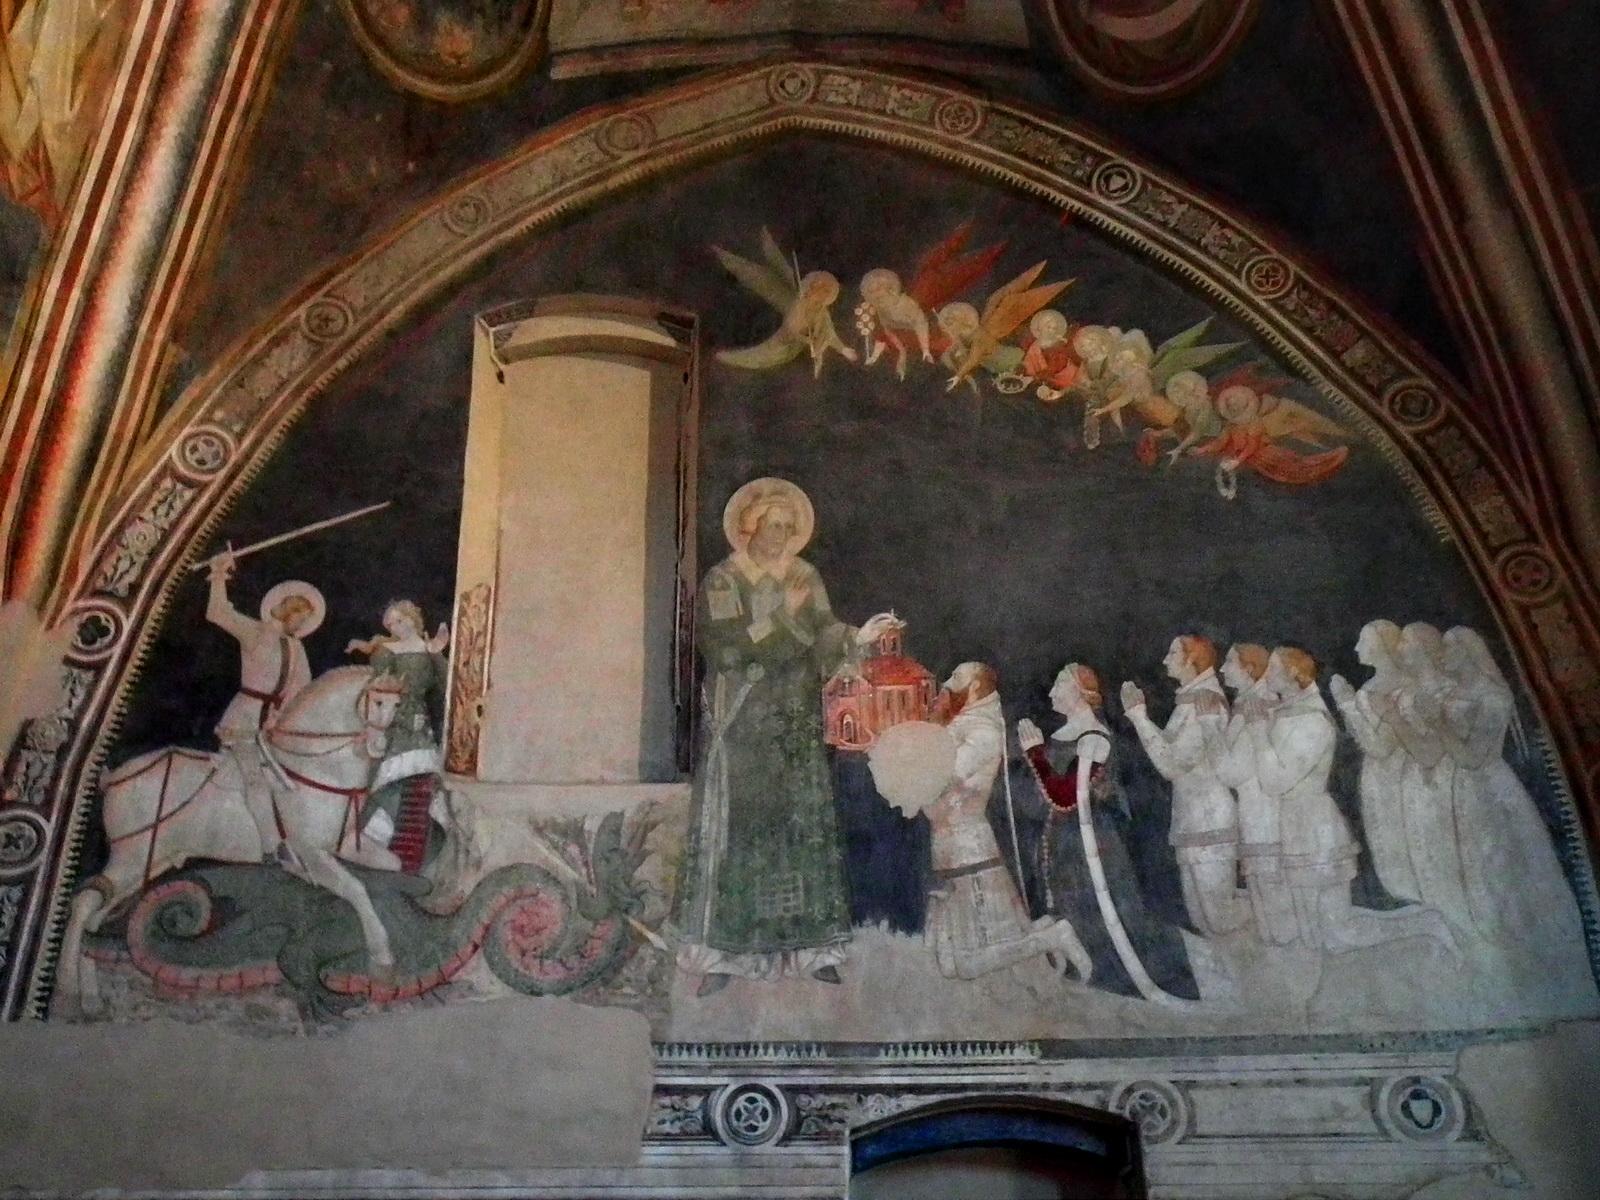 1368-69 Le comte Porro donnant l'oratoire à St Etienne Mur droit S. Stefano di Lentate